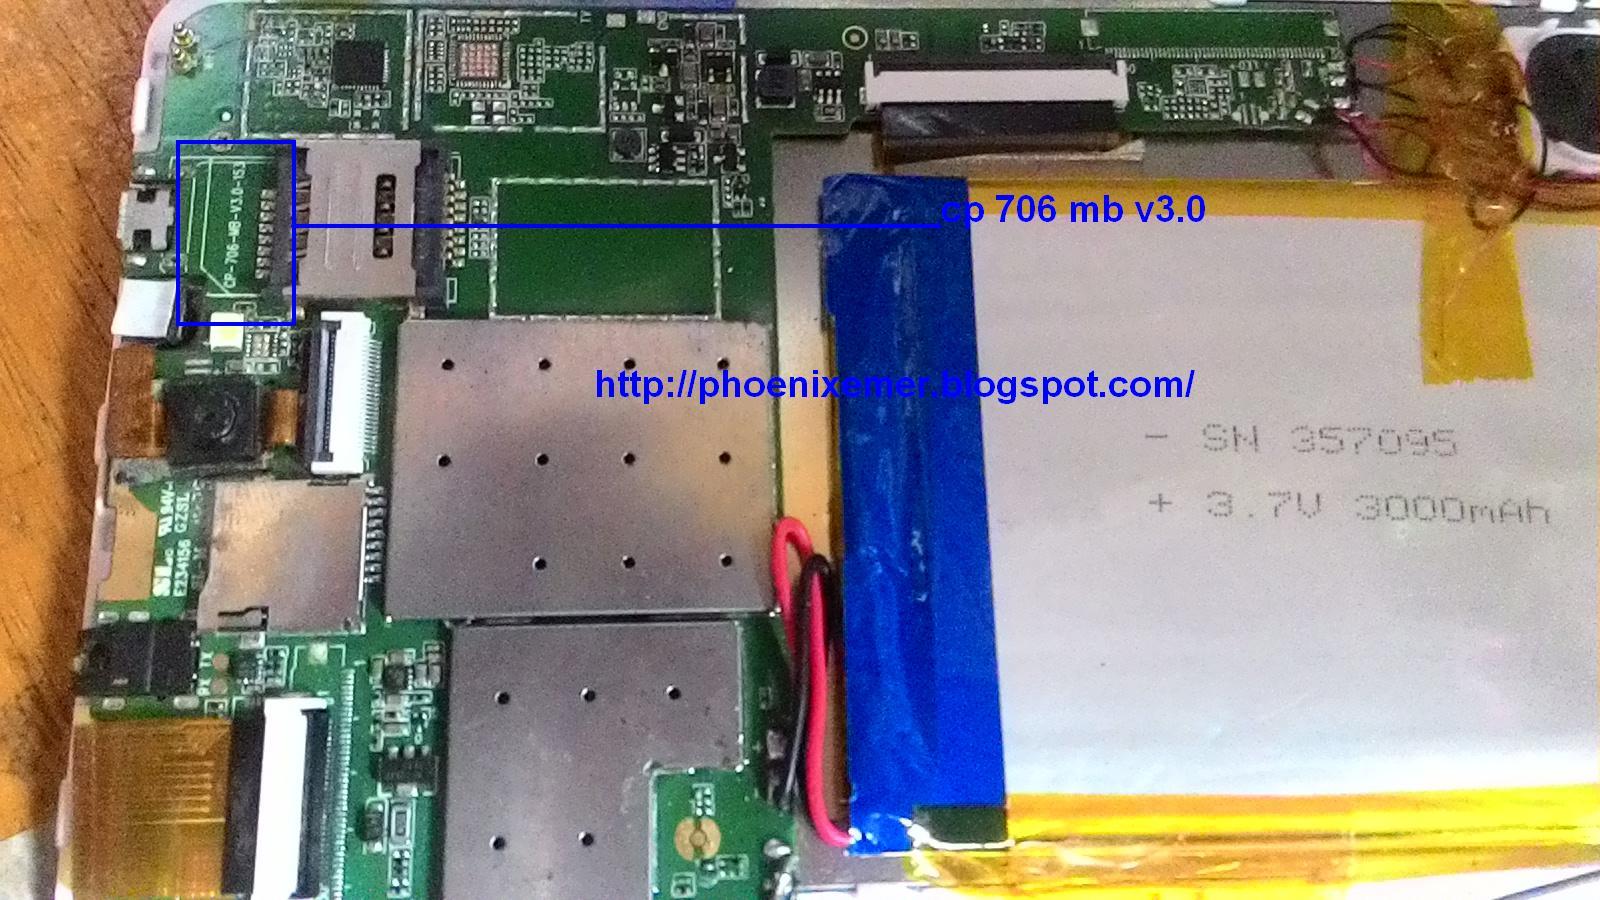 CP-706-MB-v3 0 mt6572 Firmware Backup - Emerlits Gsm Service